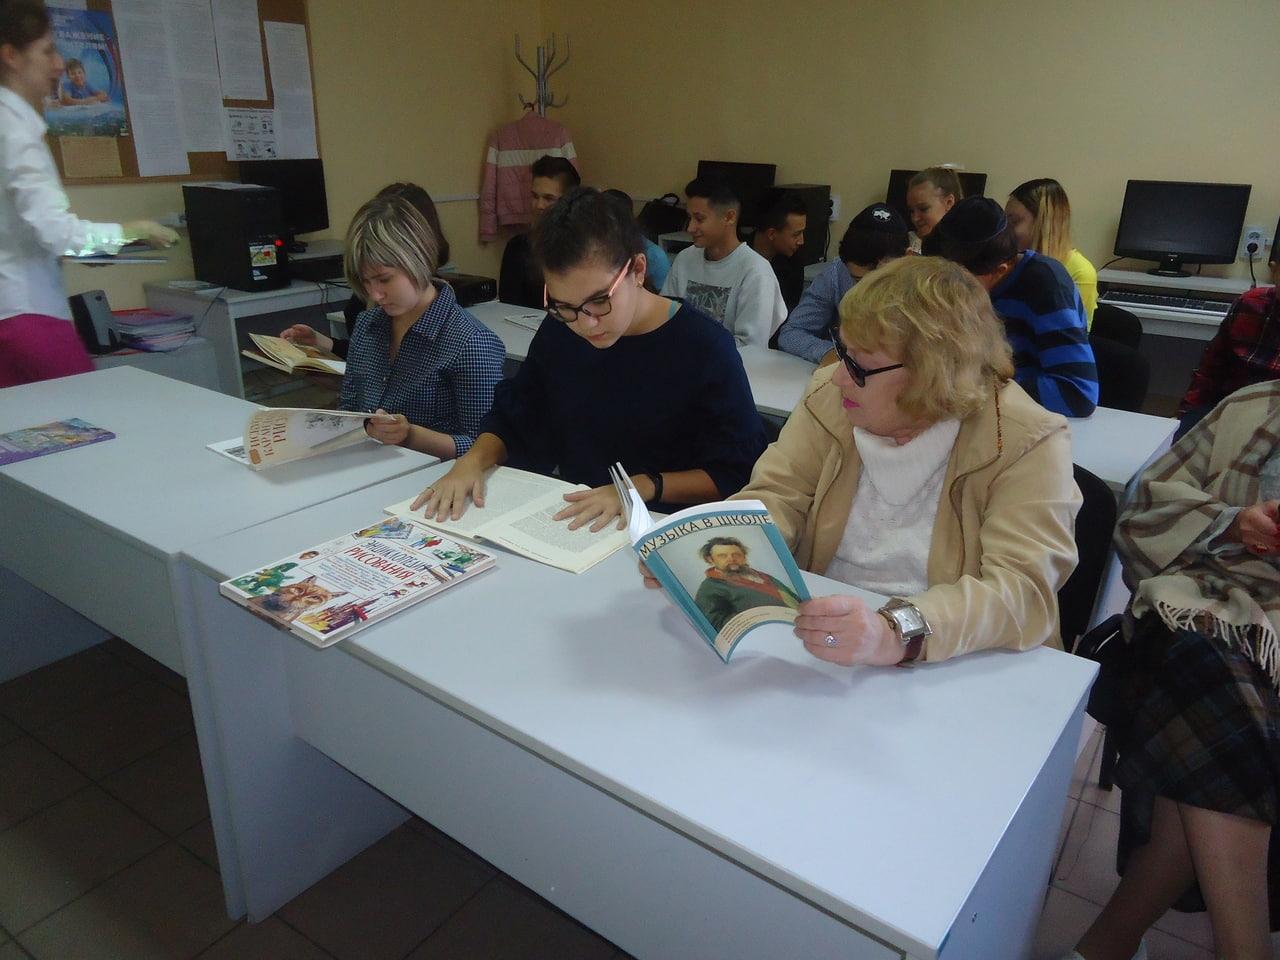 донецкая республиканская библиотека для детей, отдел организации досуга для детей, с библиотекой интересно, занятия со школьниками, международный день музыки